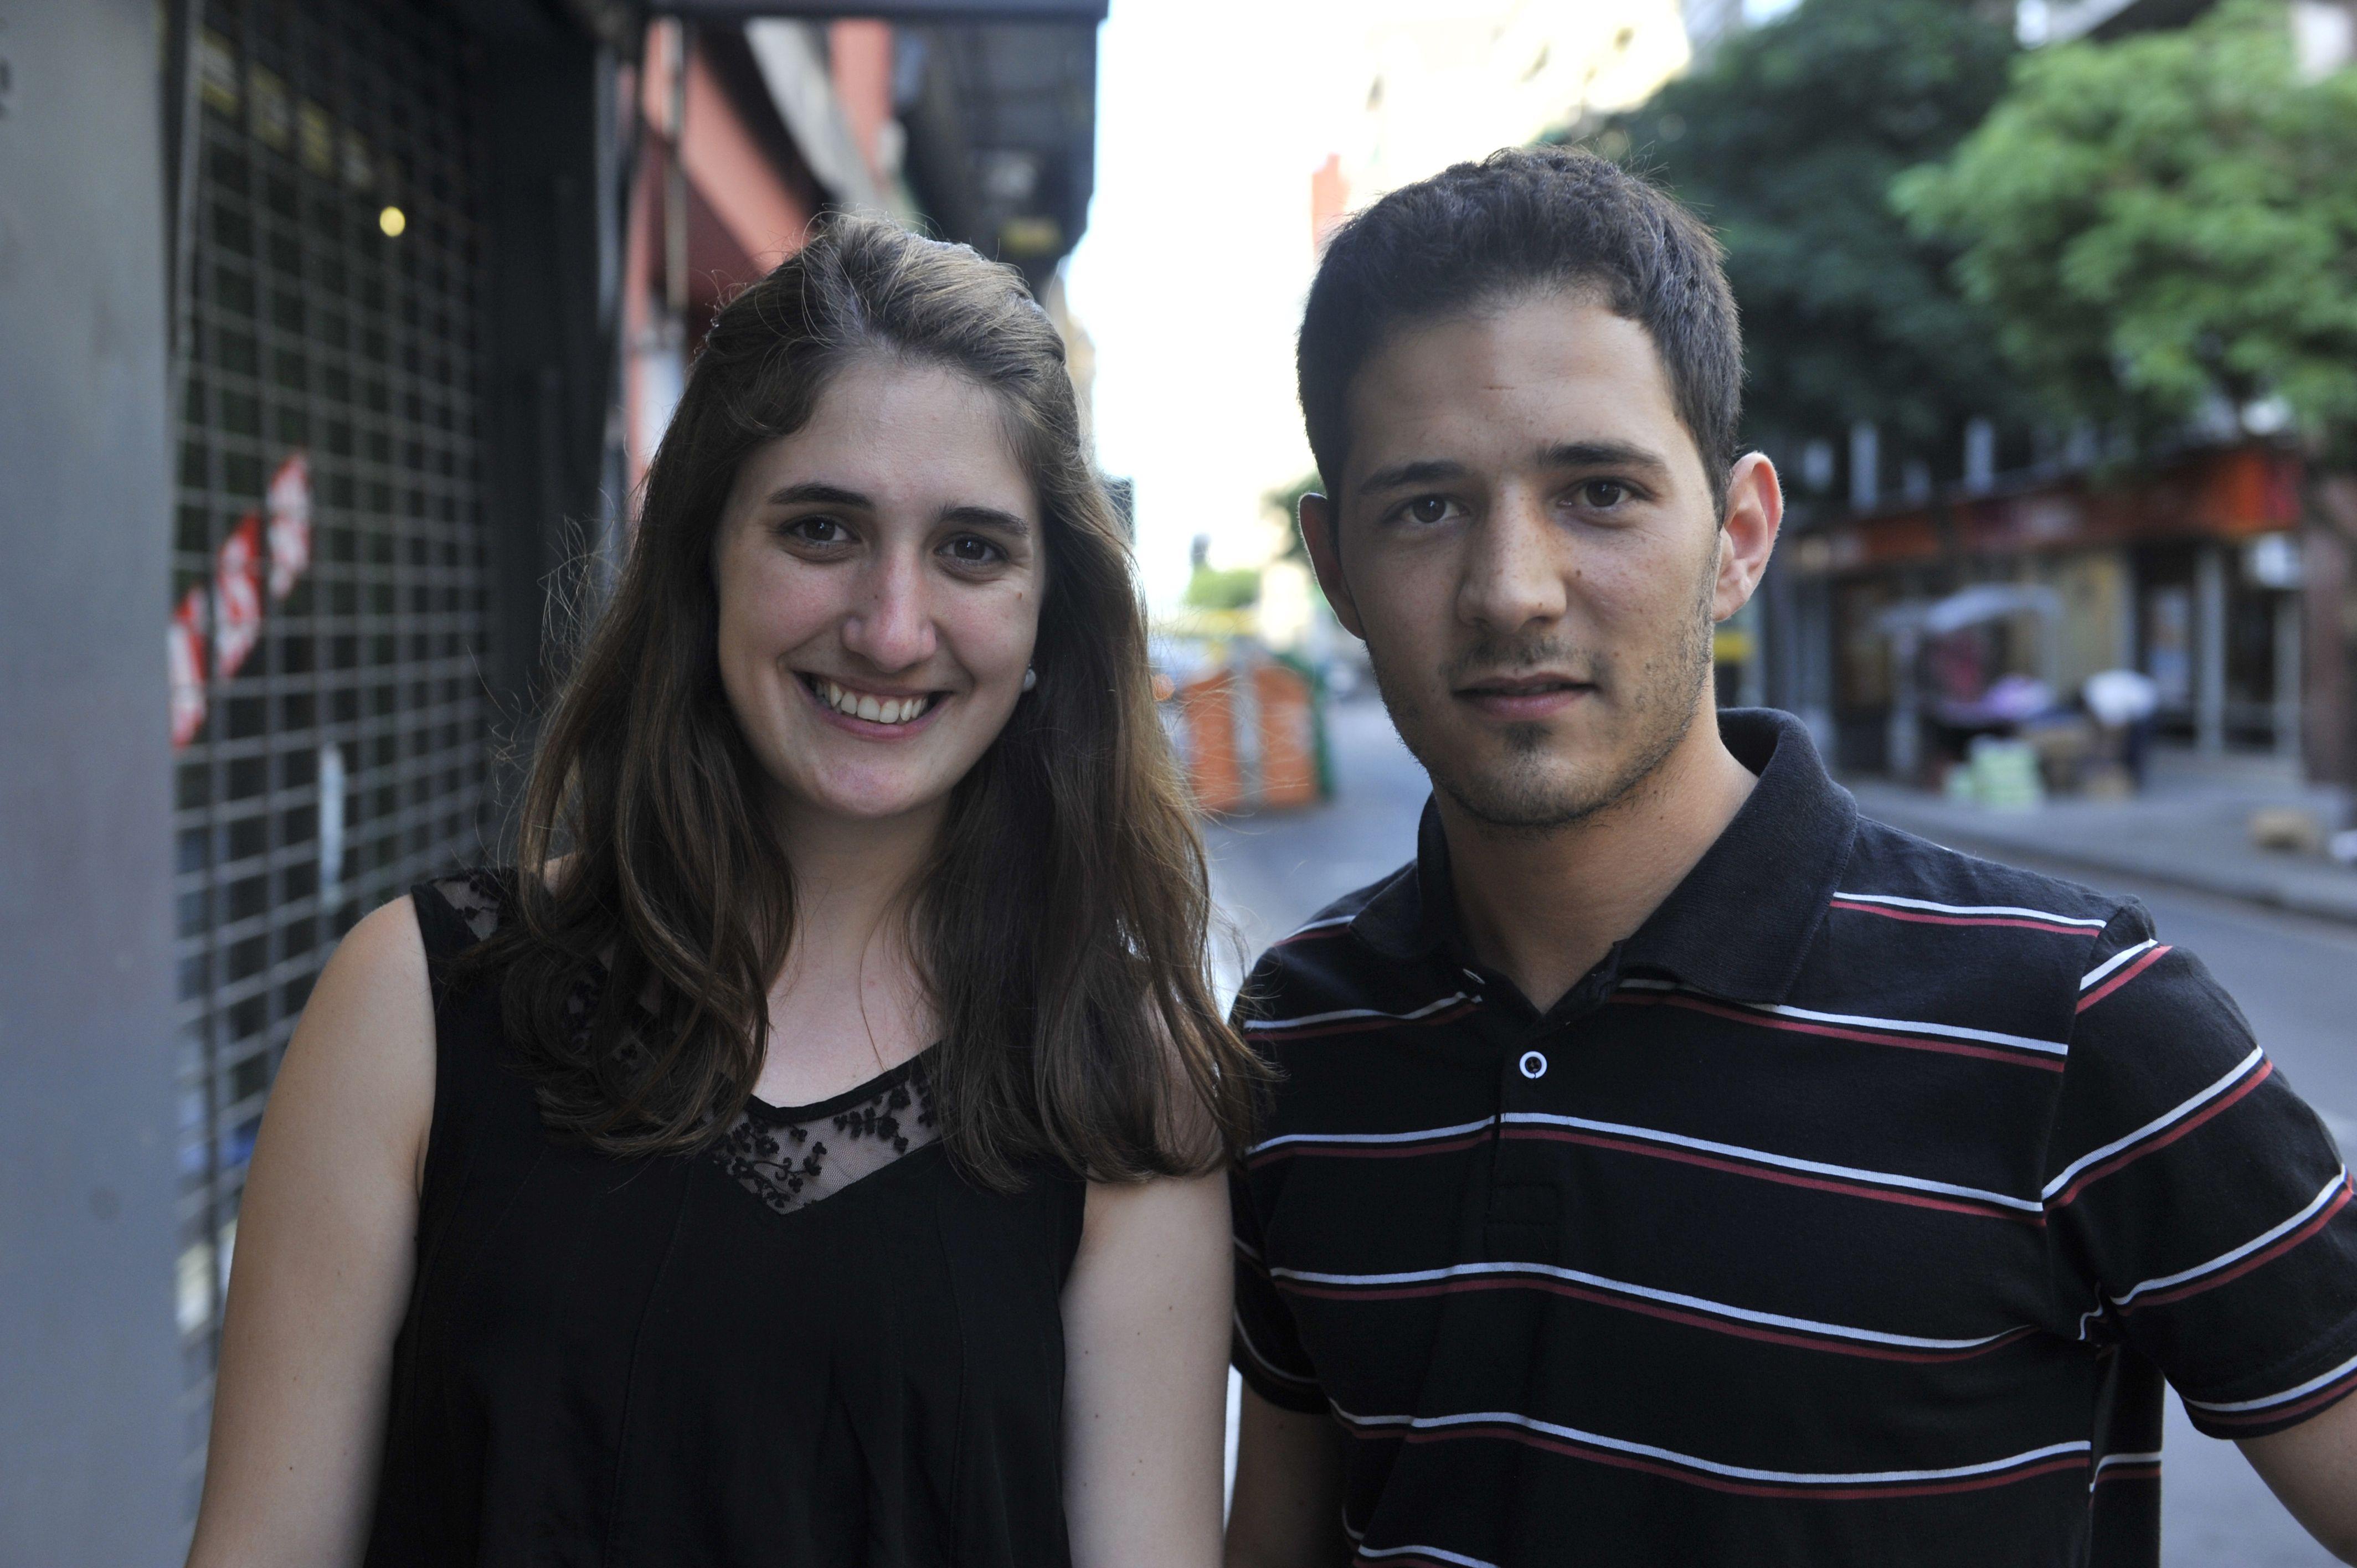 Los jóvenes ingenieros que serán reconocidos: Ariana Mengarelli (Ucel) y Agustín Poeta (UNR). (Virginia Benedetto / La Capital)